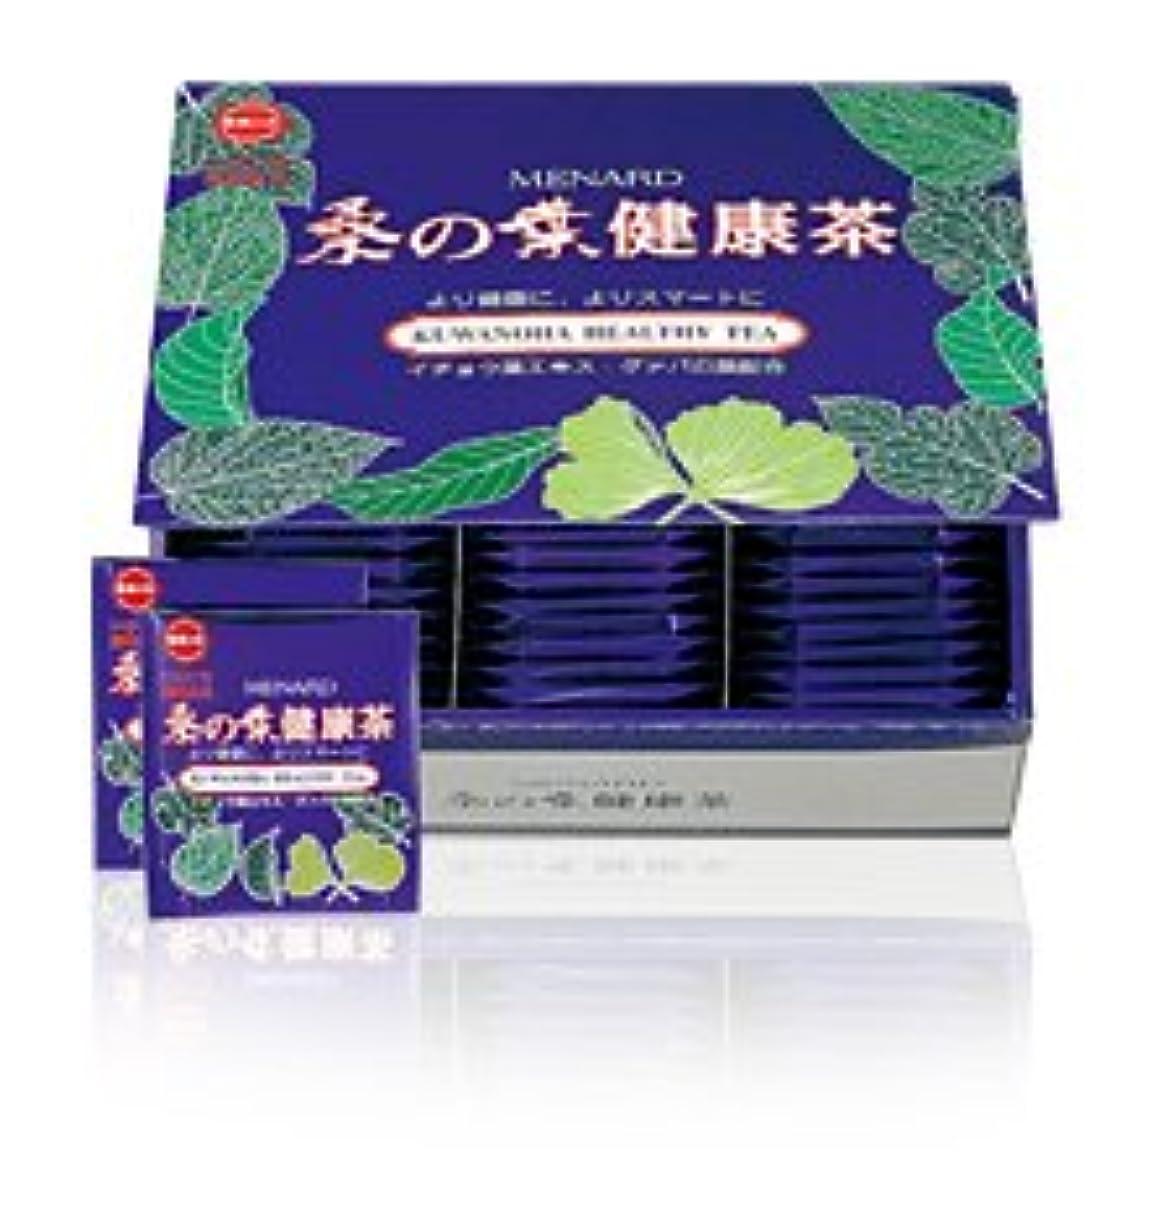 台風ウィンク浅いメナード 桑の葉健康茶(75袋入) [並行輸入品]